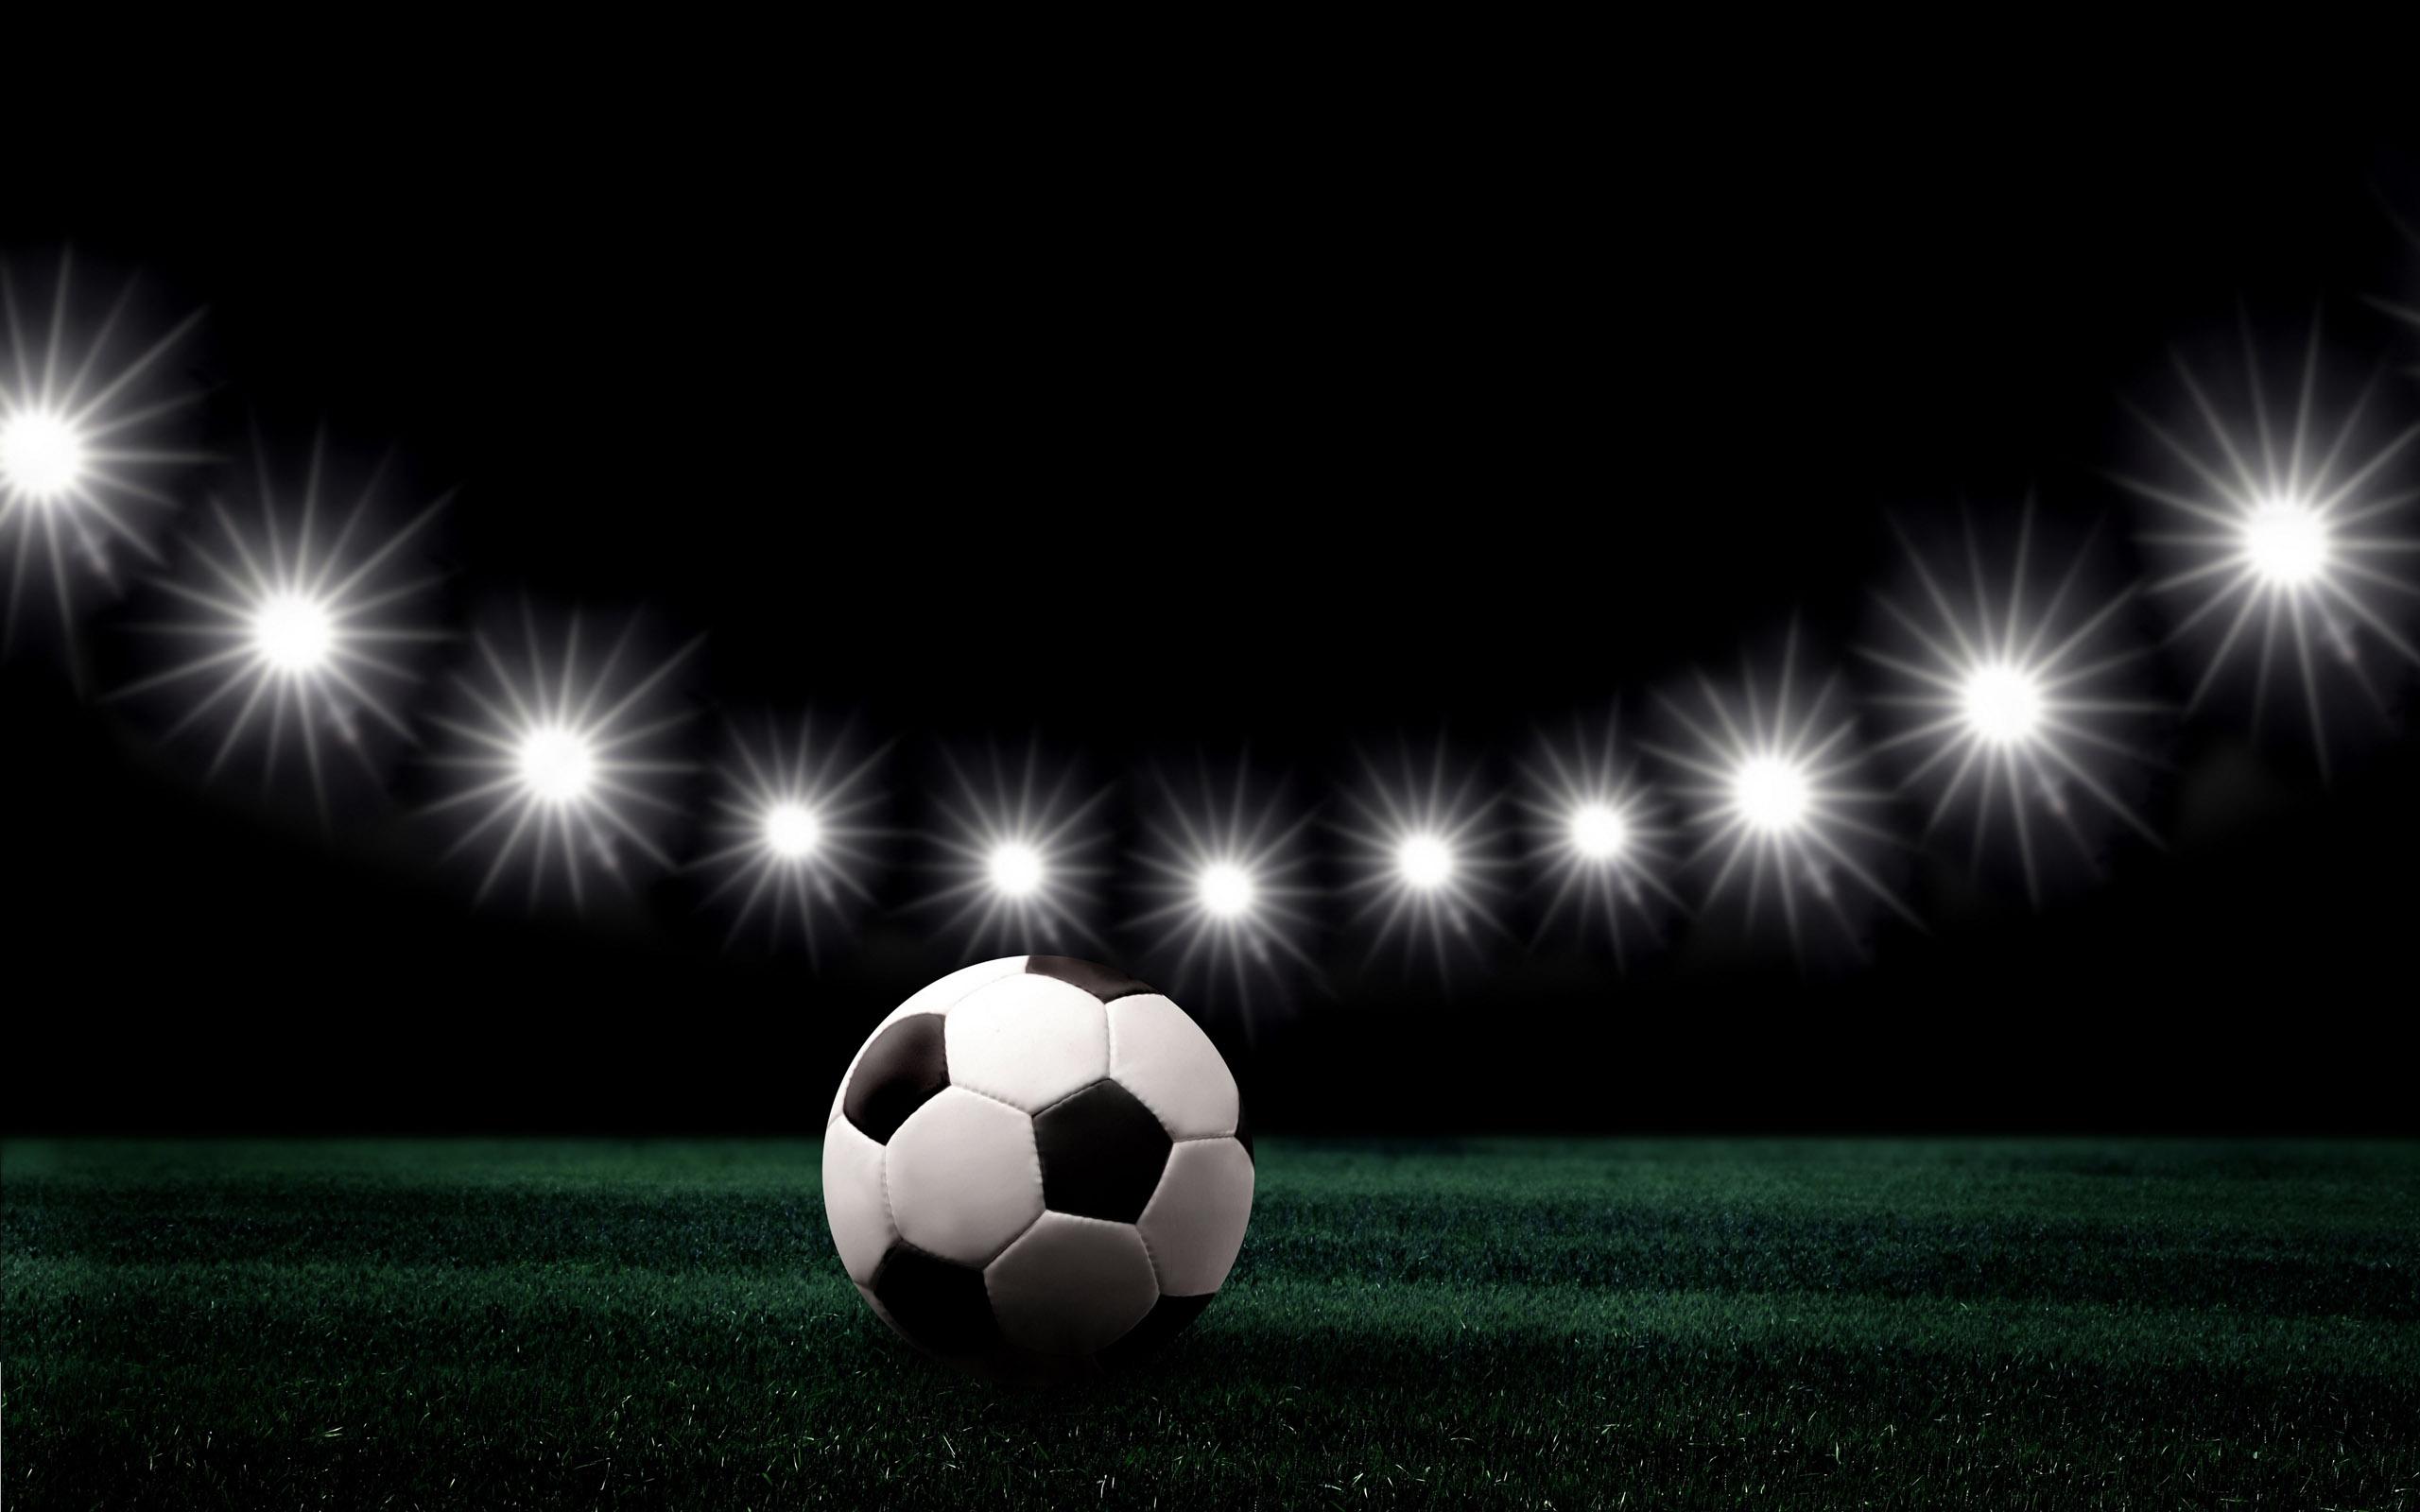 Free Soccer Wallpaper